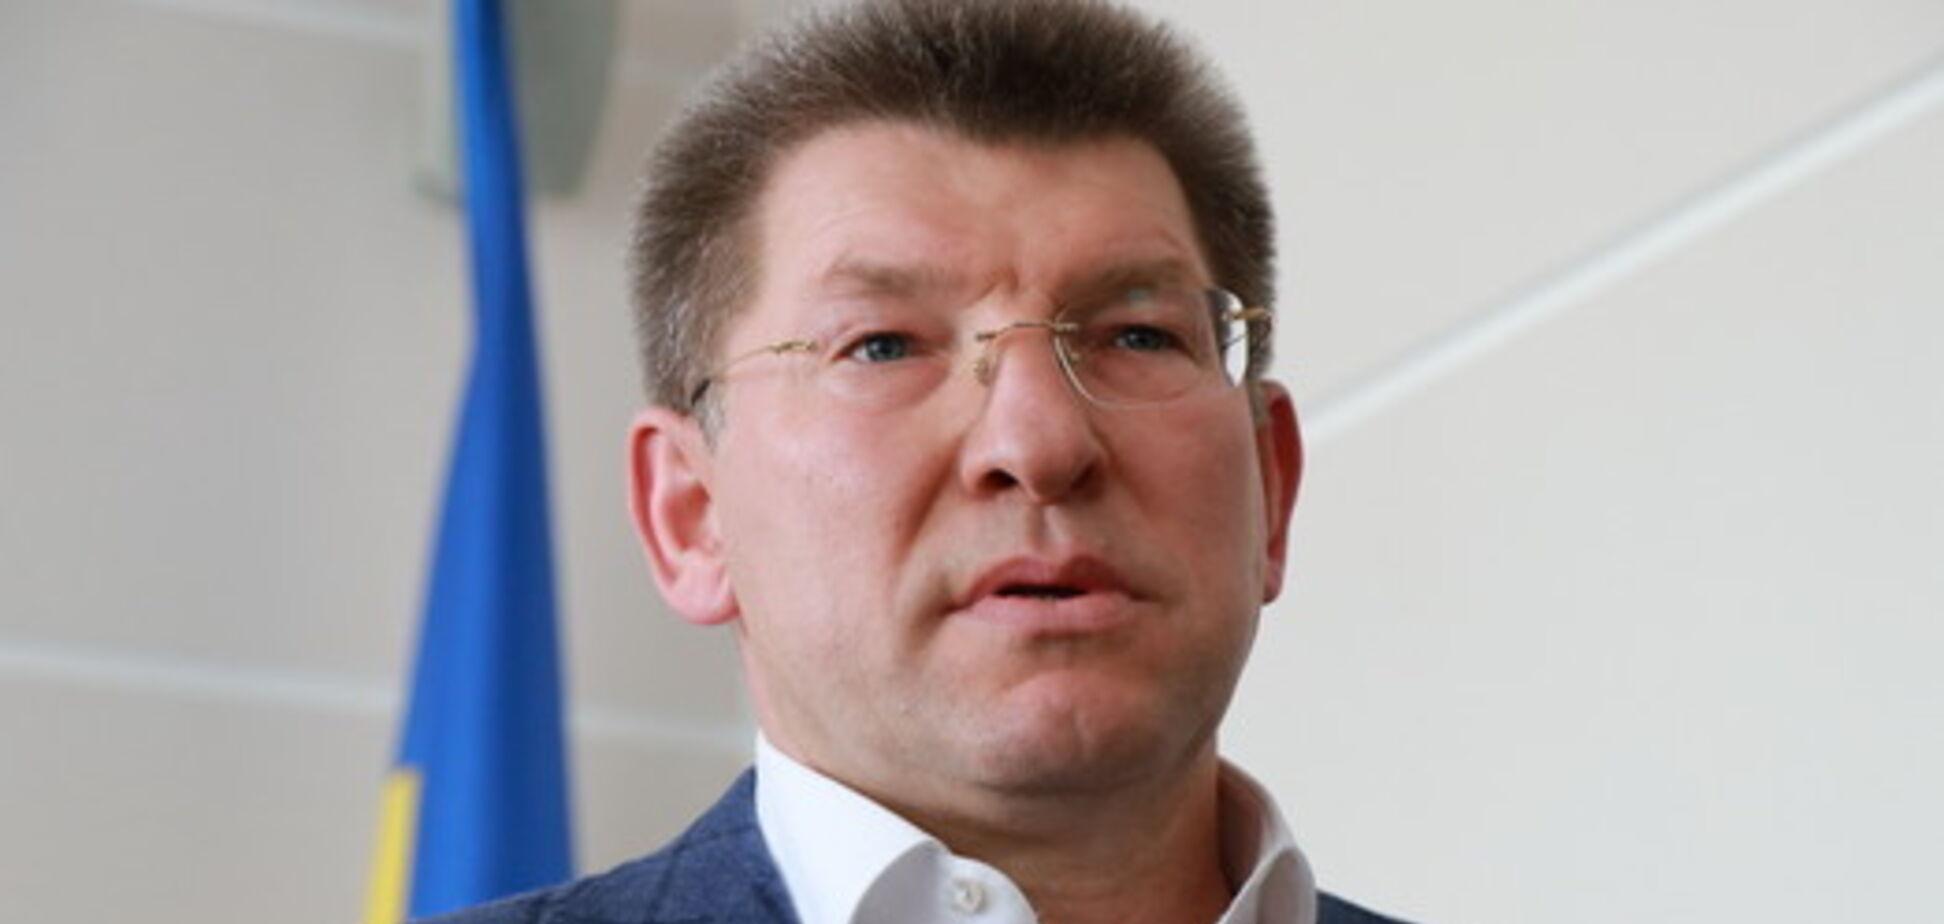 Скандальный судья из Одессы Глуханчук отремонтировал рабочее место за 2 млн долларов — расследование